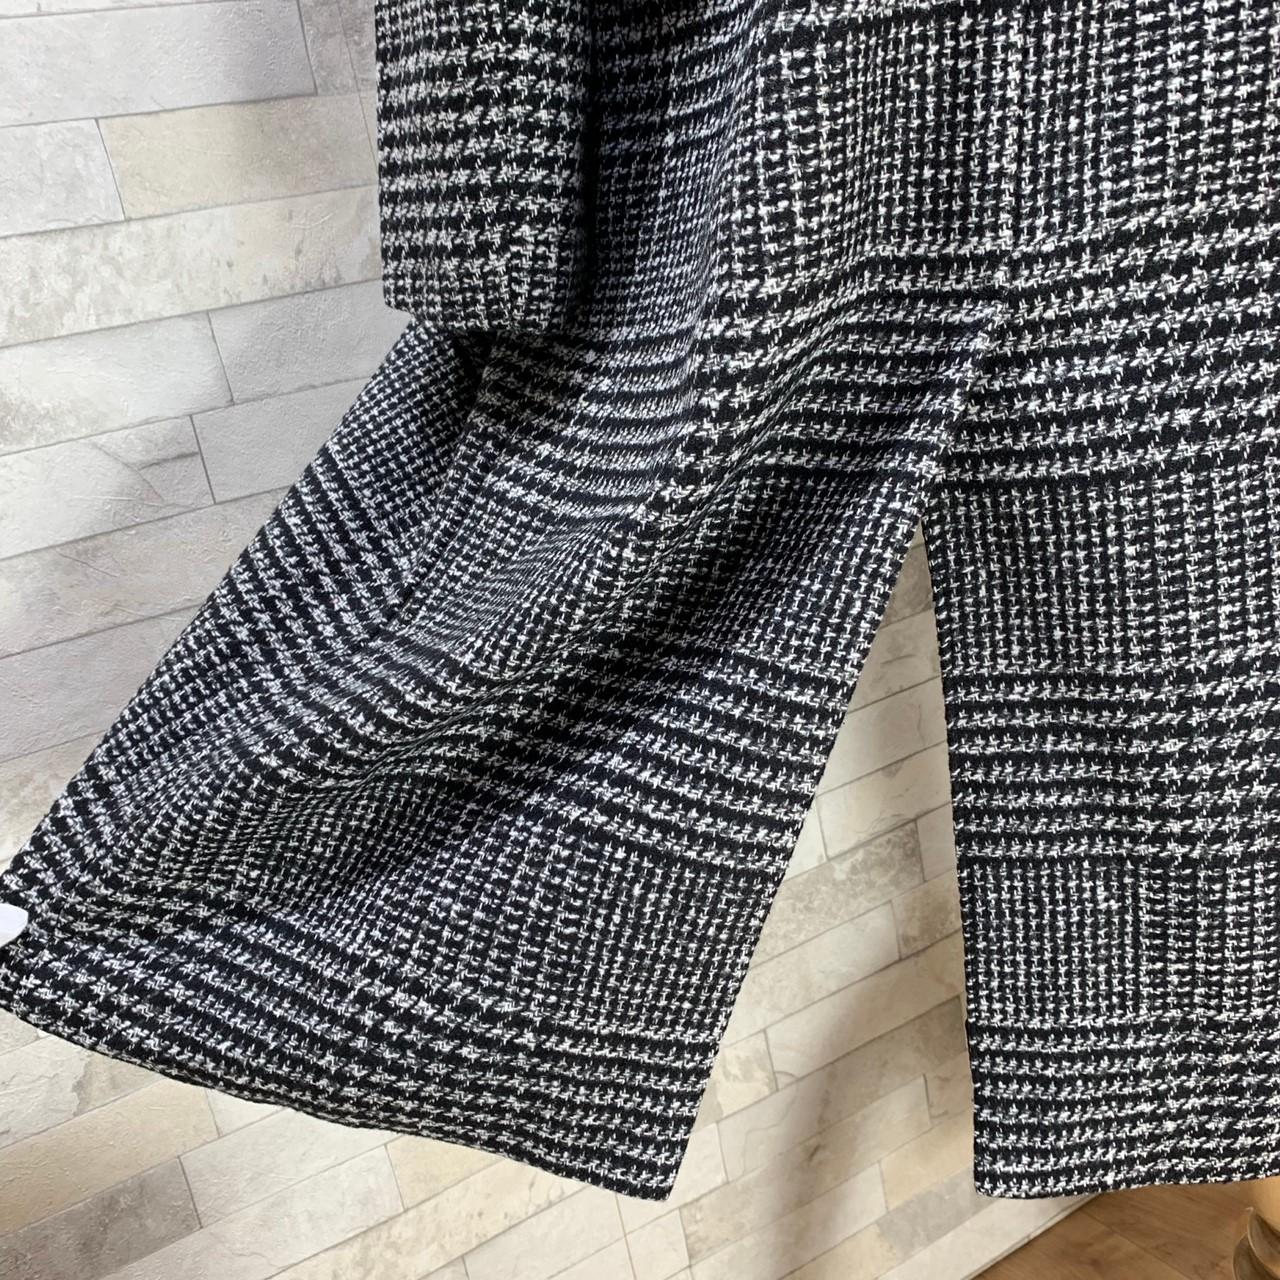 【即納】韓国 ファッション アウター コート 秋 冬 カジュアル SPTXD248  グレンチェック ダブル ロング チェスター オフィス エレガント オルチャン シンプル 定番 セレカジの写真20枚目